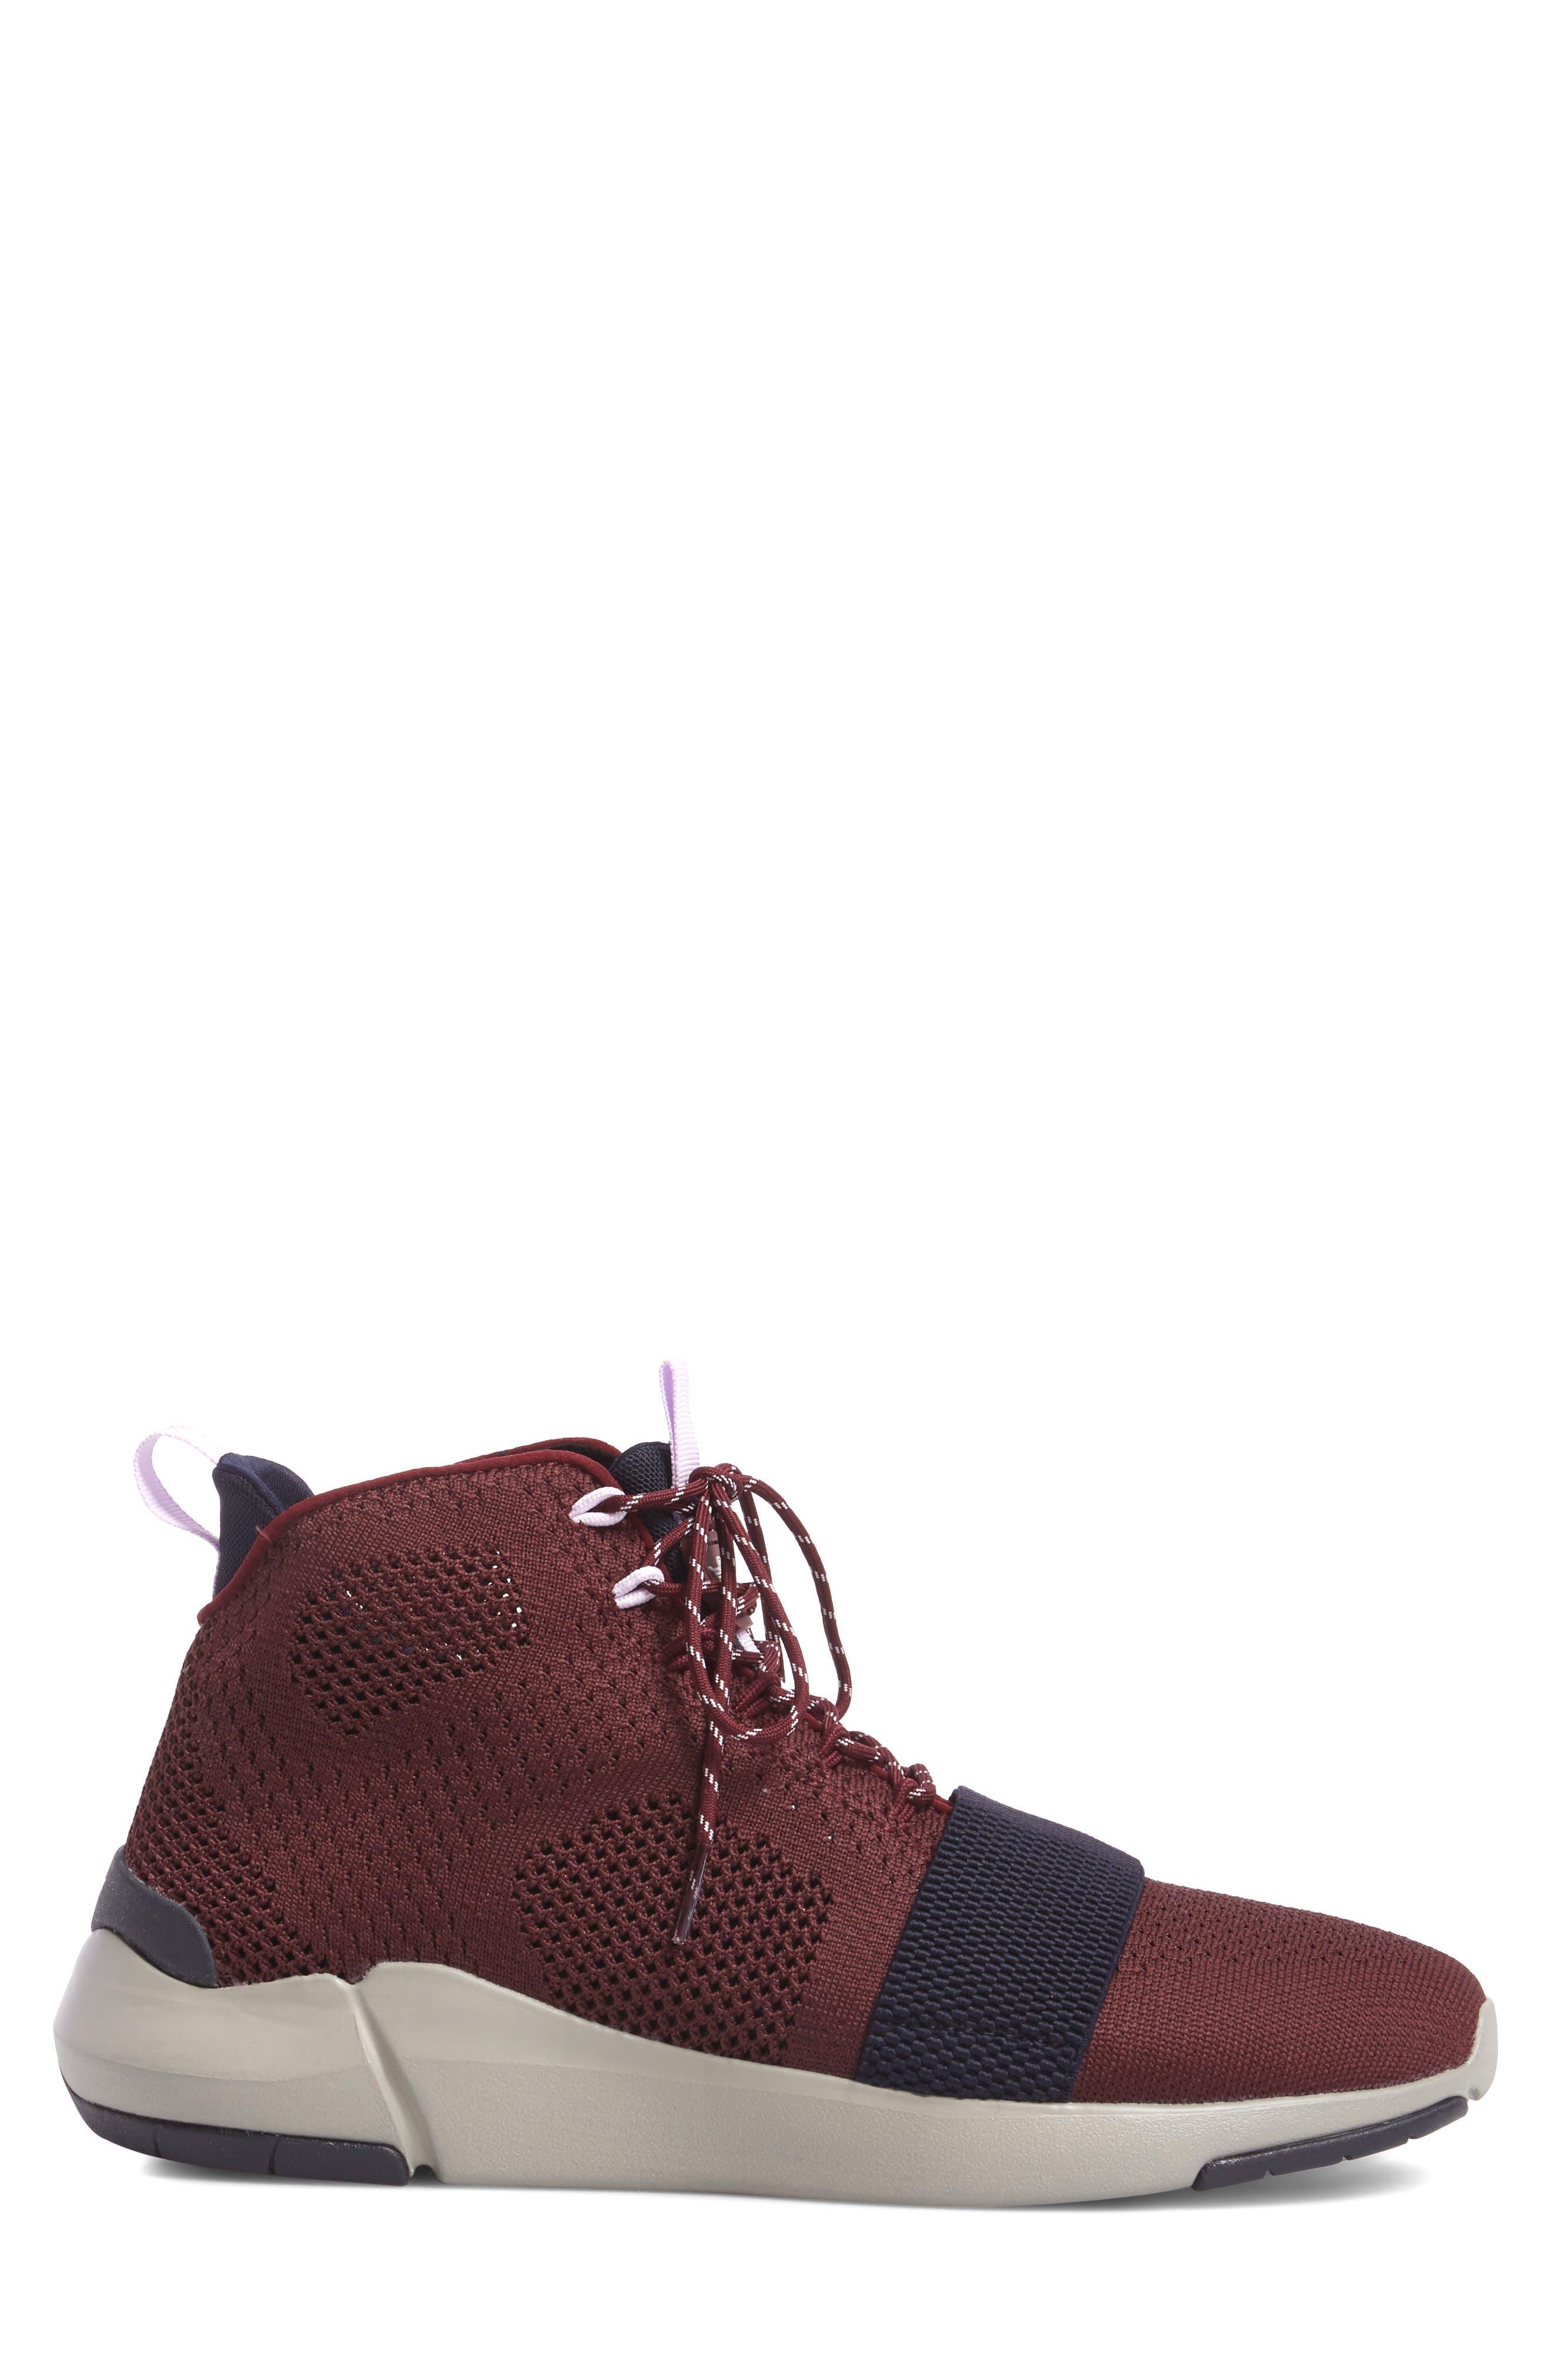 Modica Sneaker,                             Alternate thumbnail 3, color,                             Dark Burgundy Navy